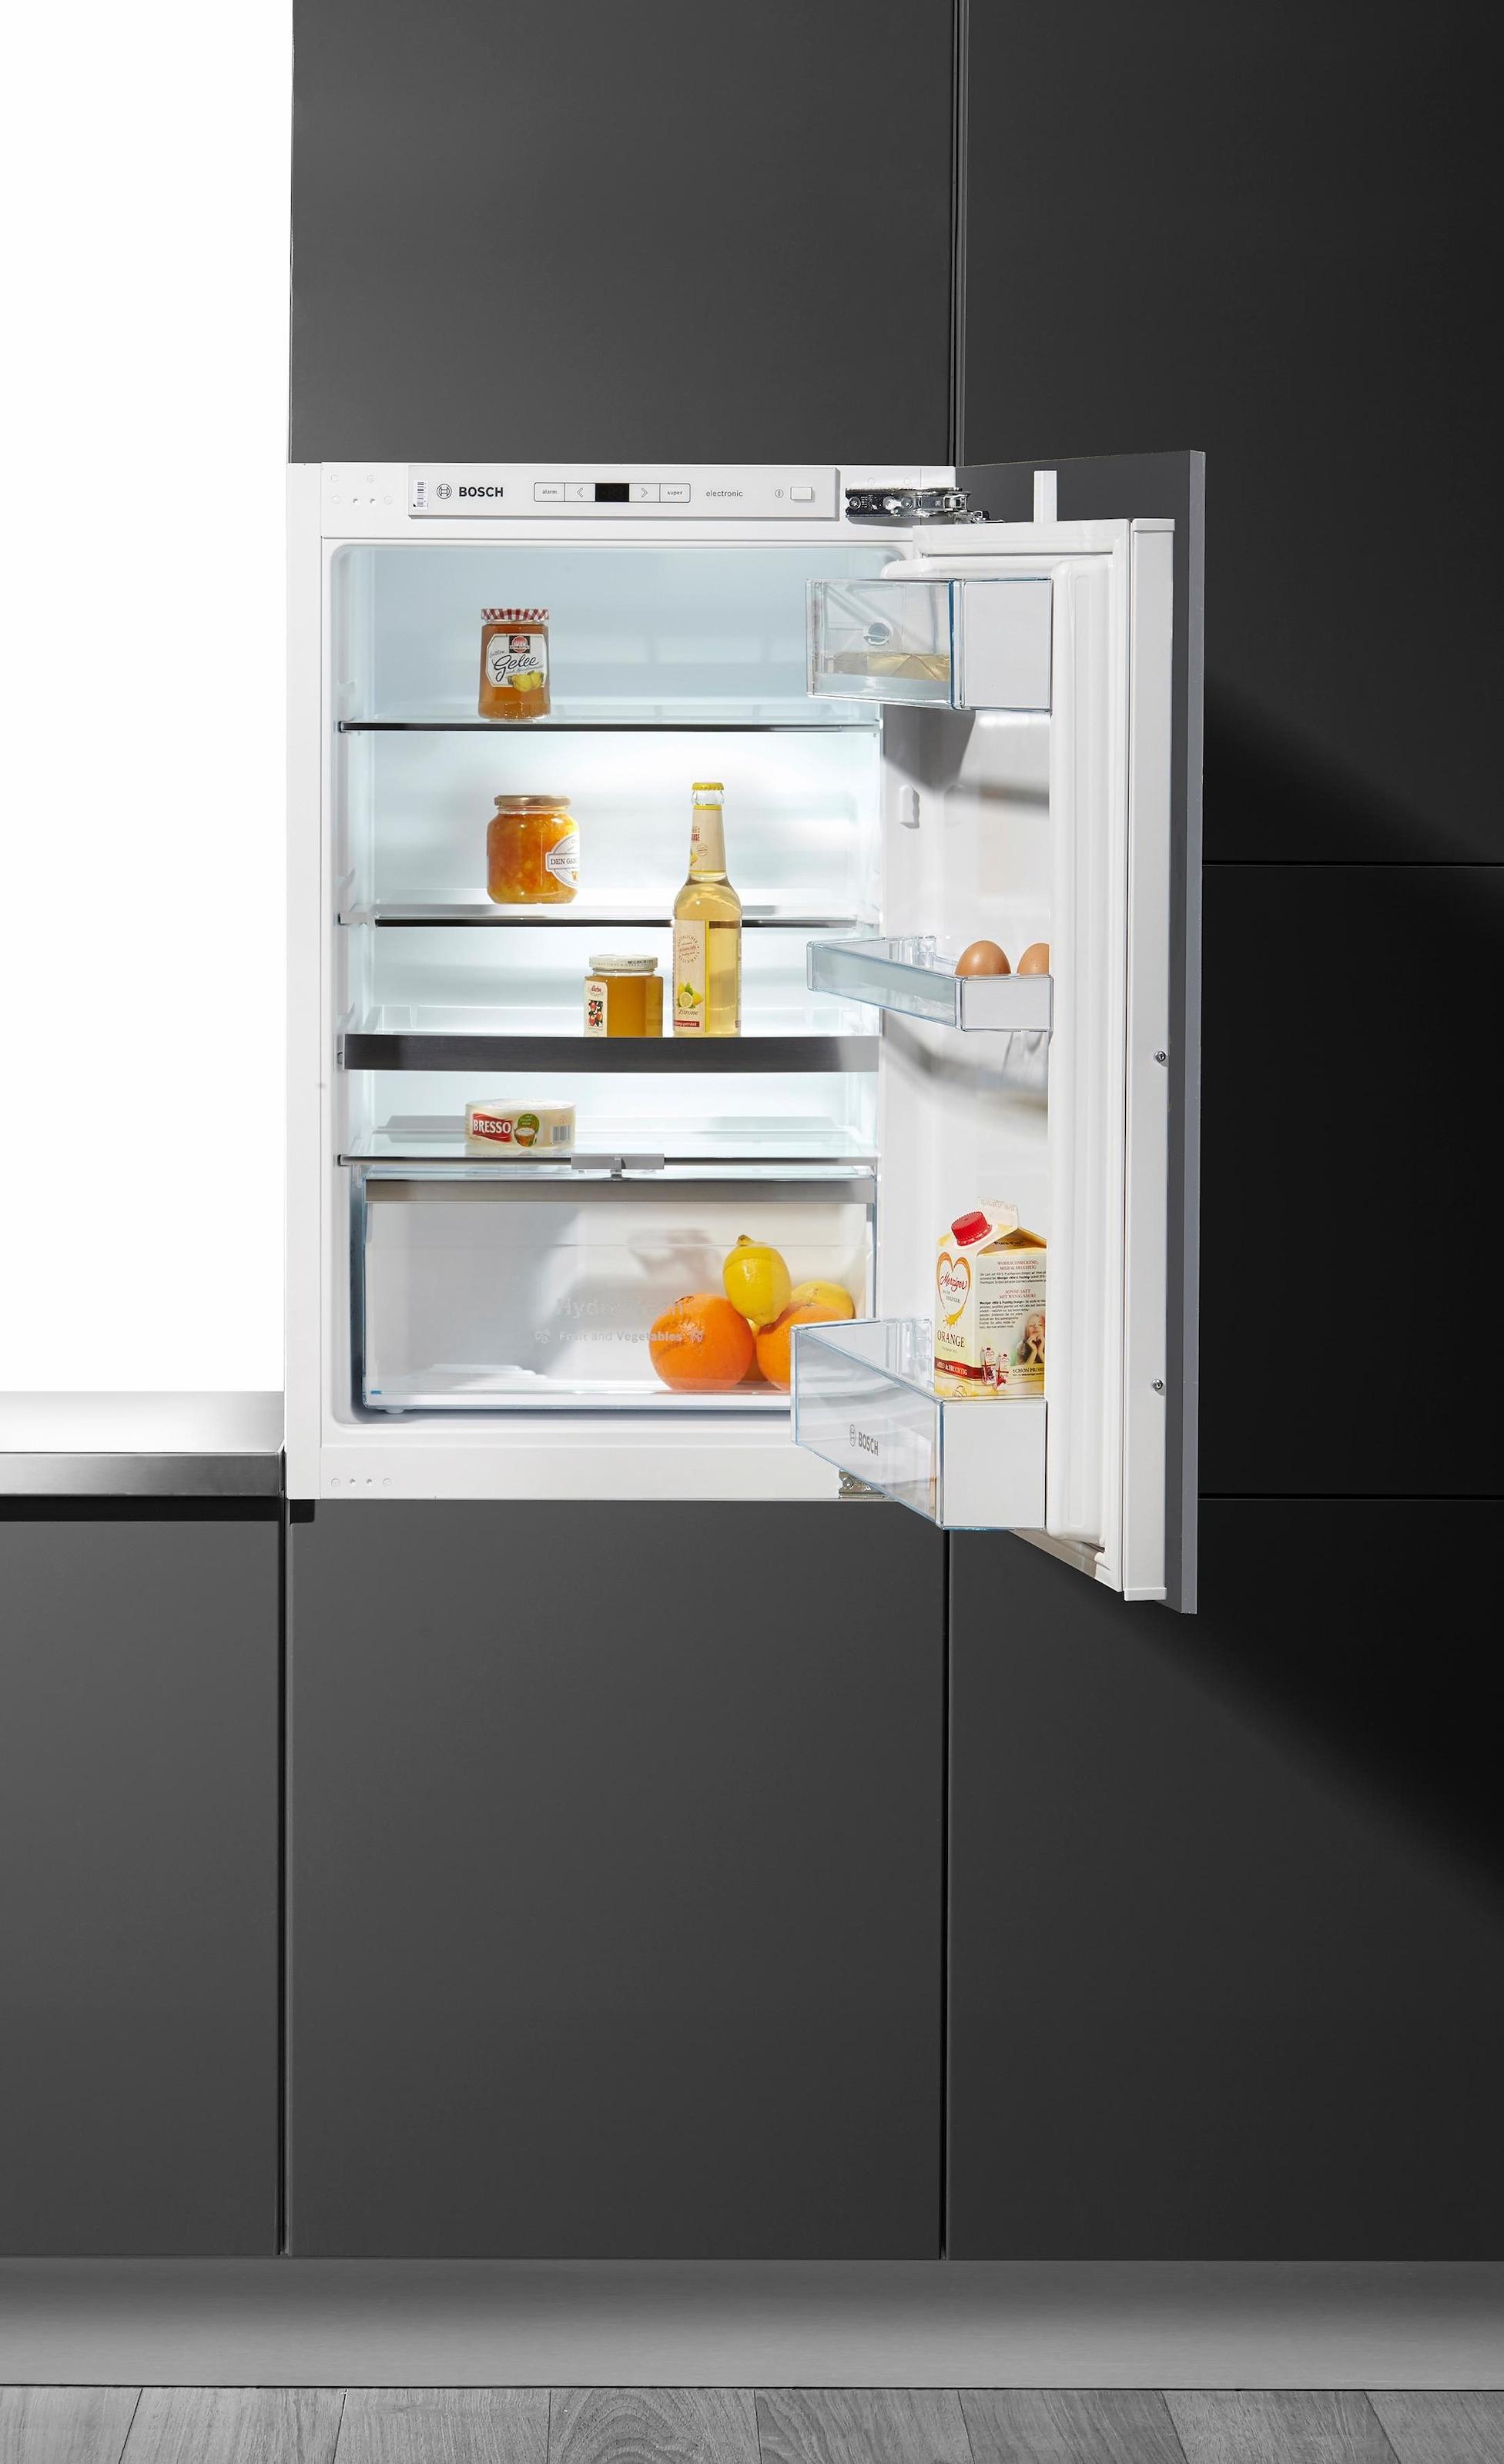 Bosch Kühlschrank Serie 8 : Kühlschrank edelstahl bosch bosch k hlschrank ksv vl a cm